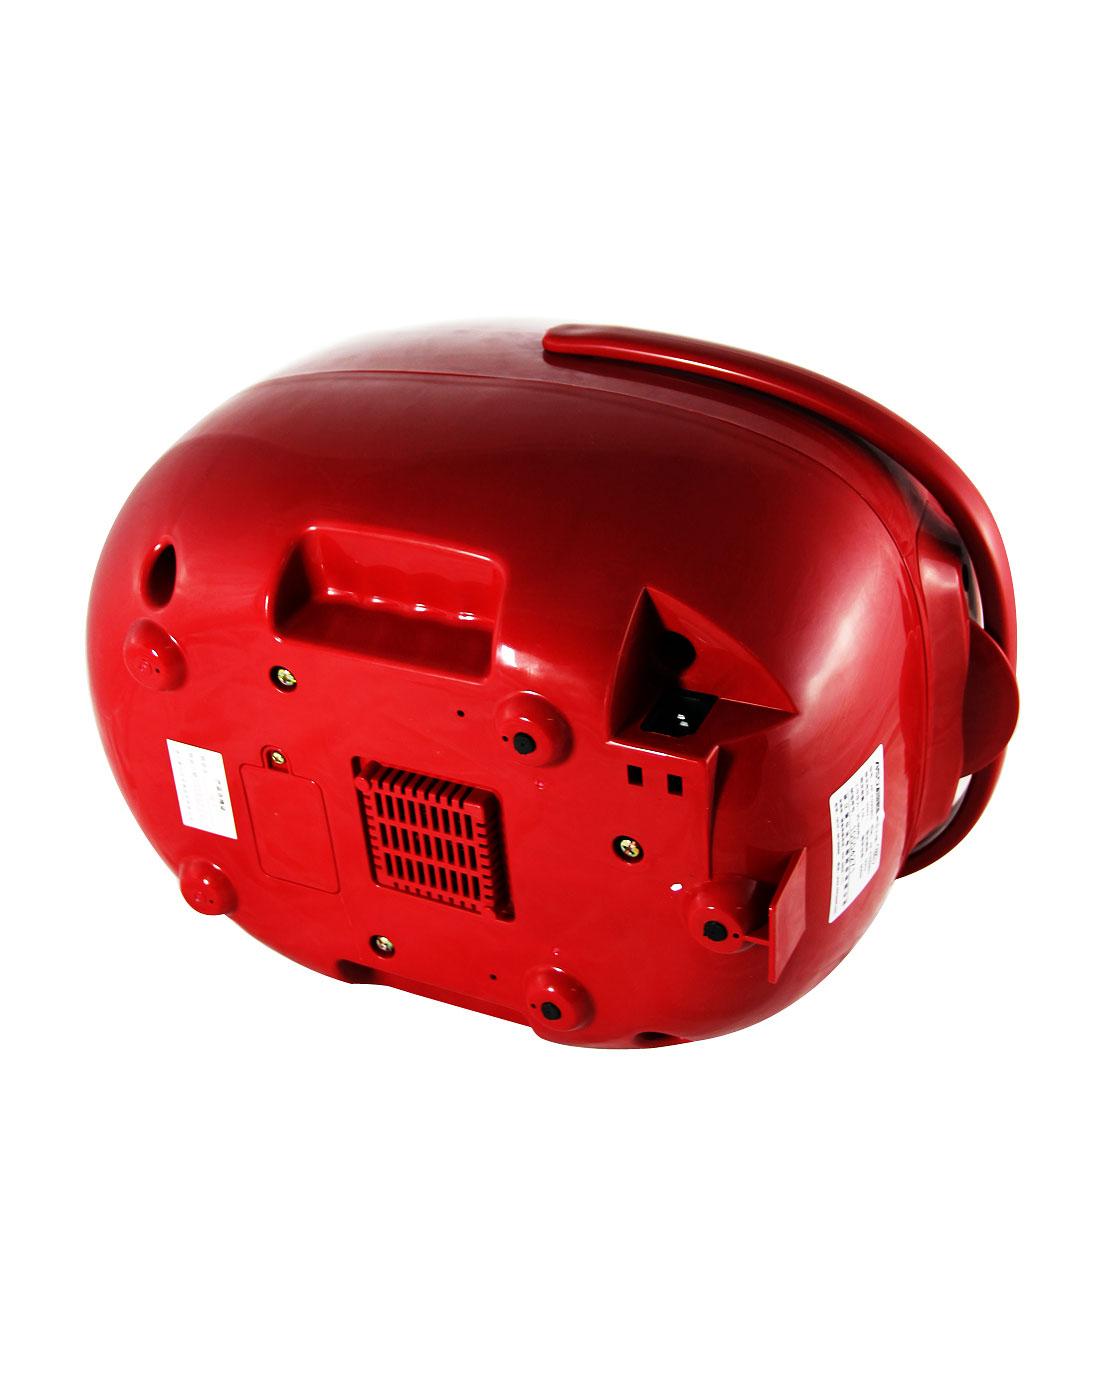 爱仕达asd电器专场-红色电压力锅4l